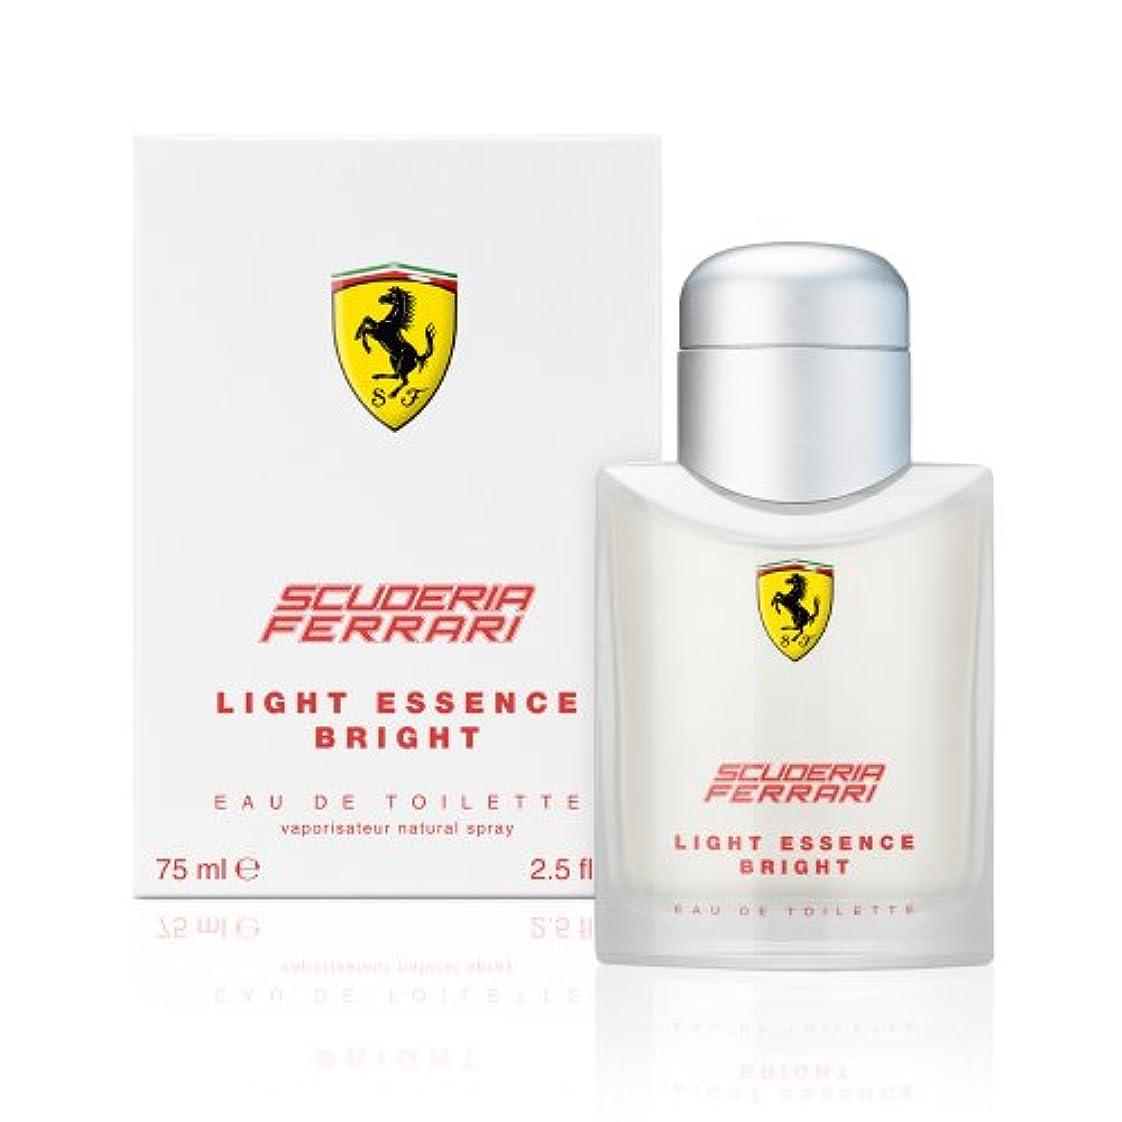 剃るそこから責フェラーリ ライトエッセンス ブライト オードトワレ 75mL